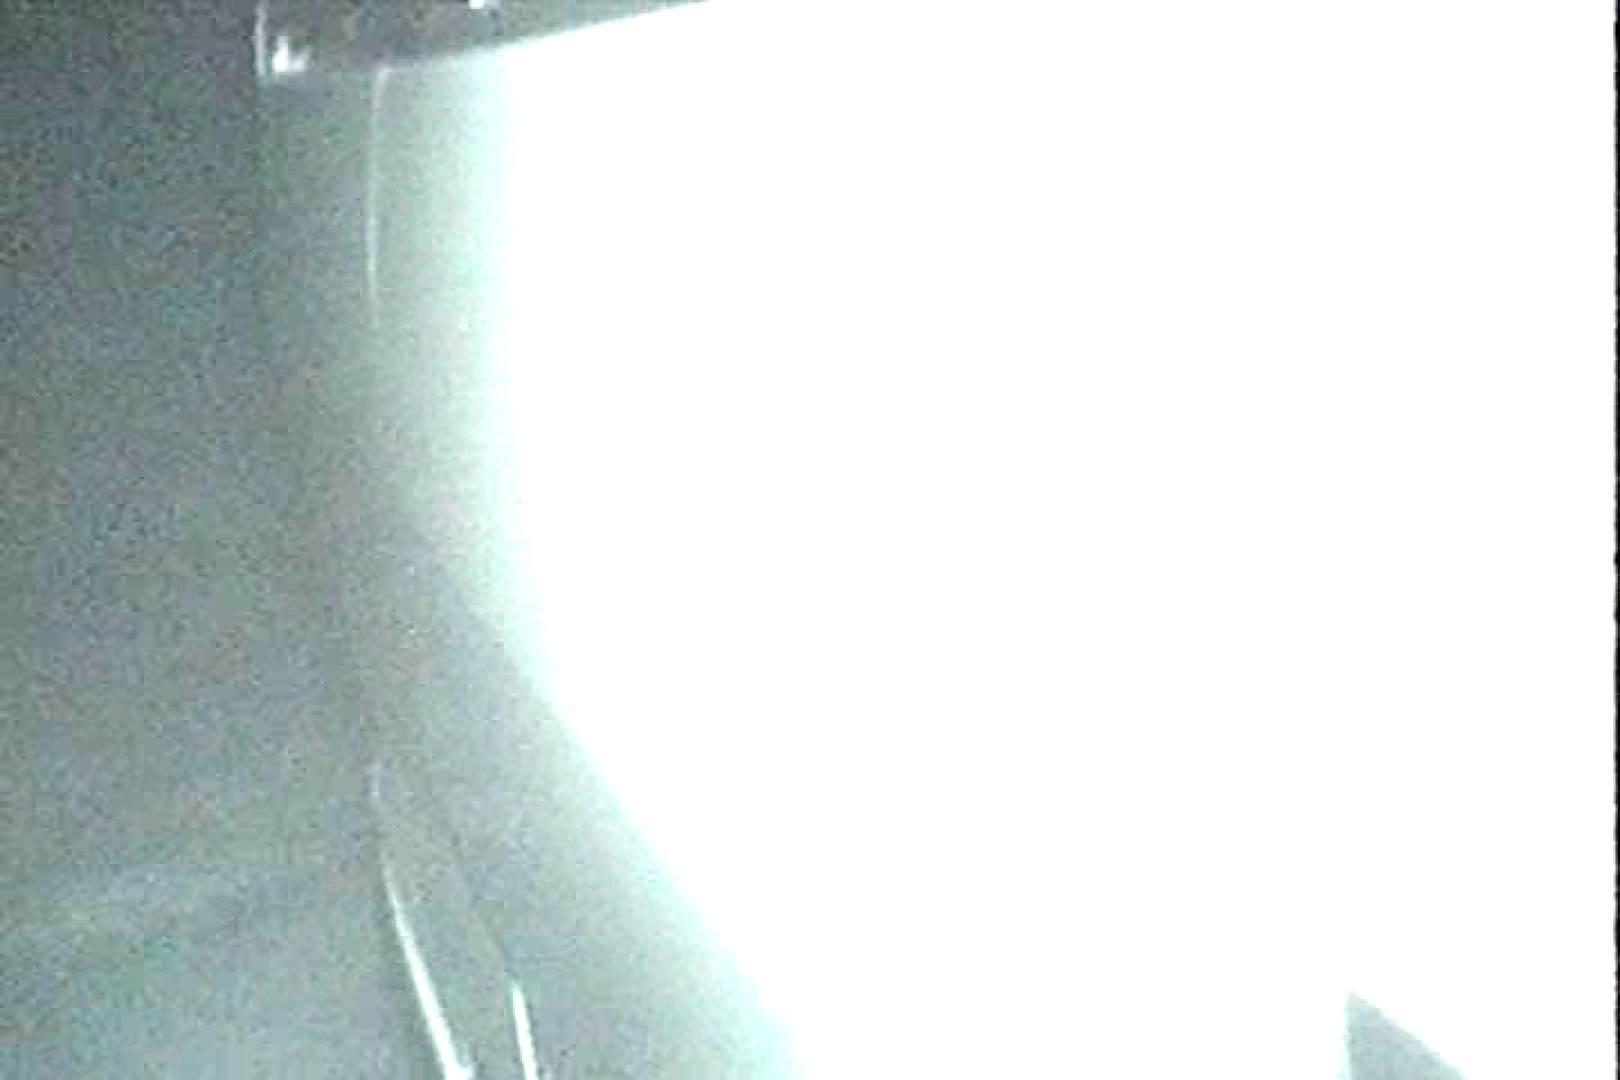 充血監督の深夜の運動会Vol.39 カップル  89pic 52